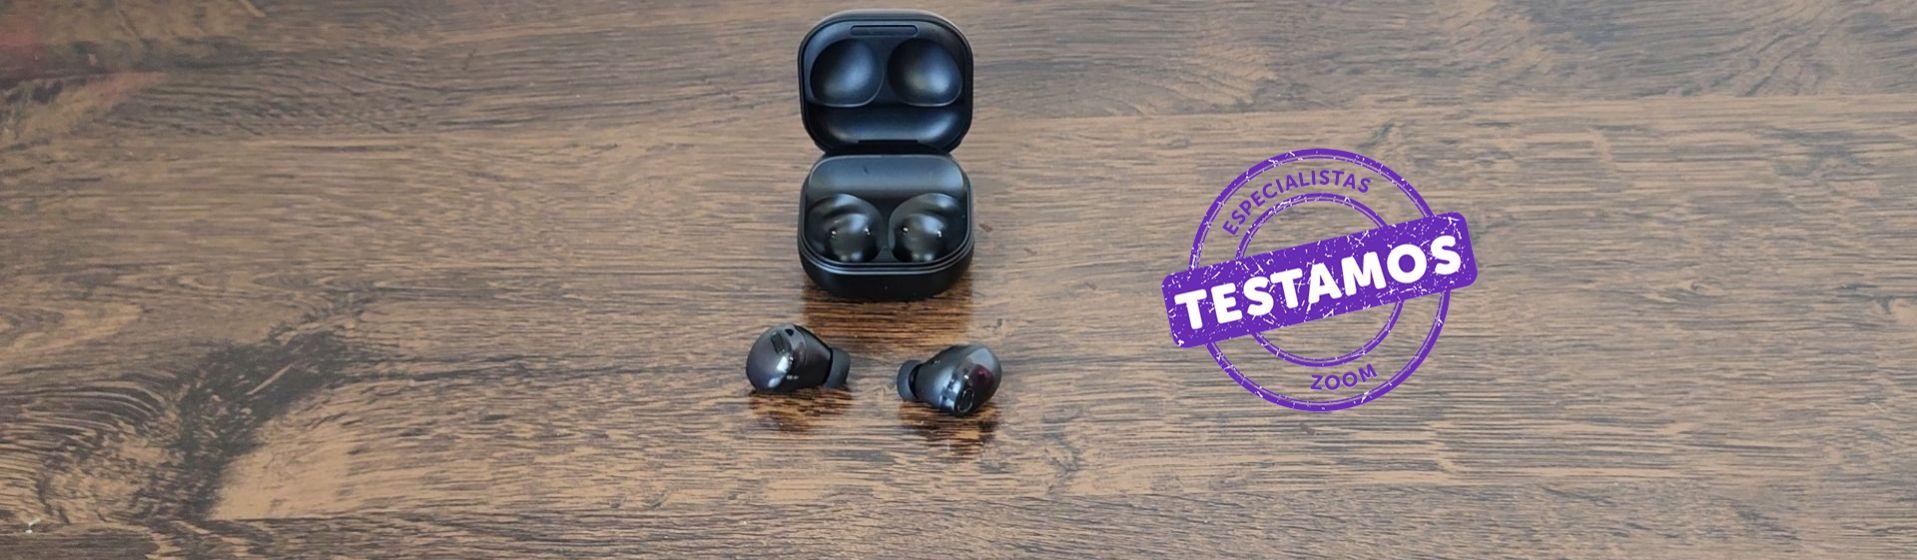 Galaxy Buds Pro: fone tem som de qualidade e cancelamento de ruído